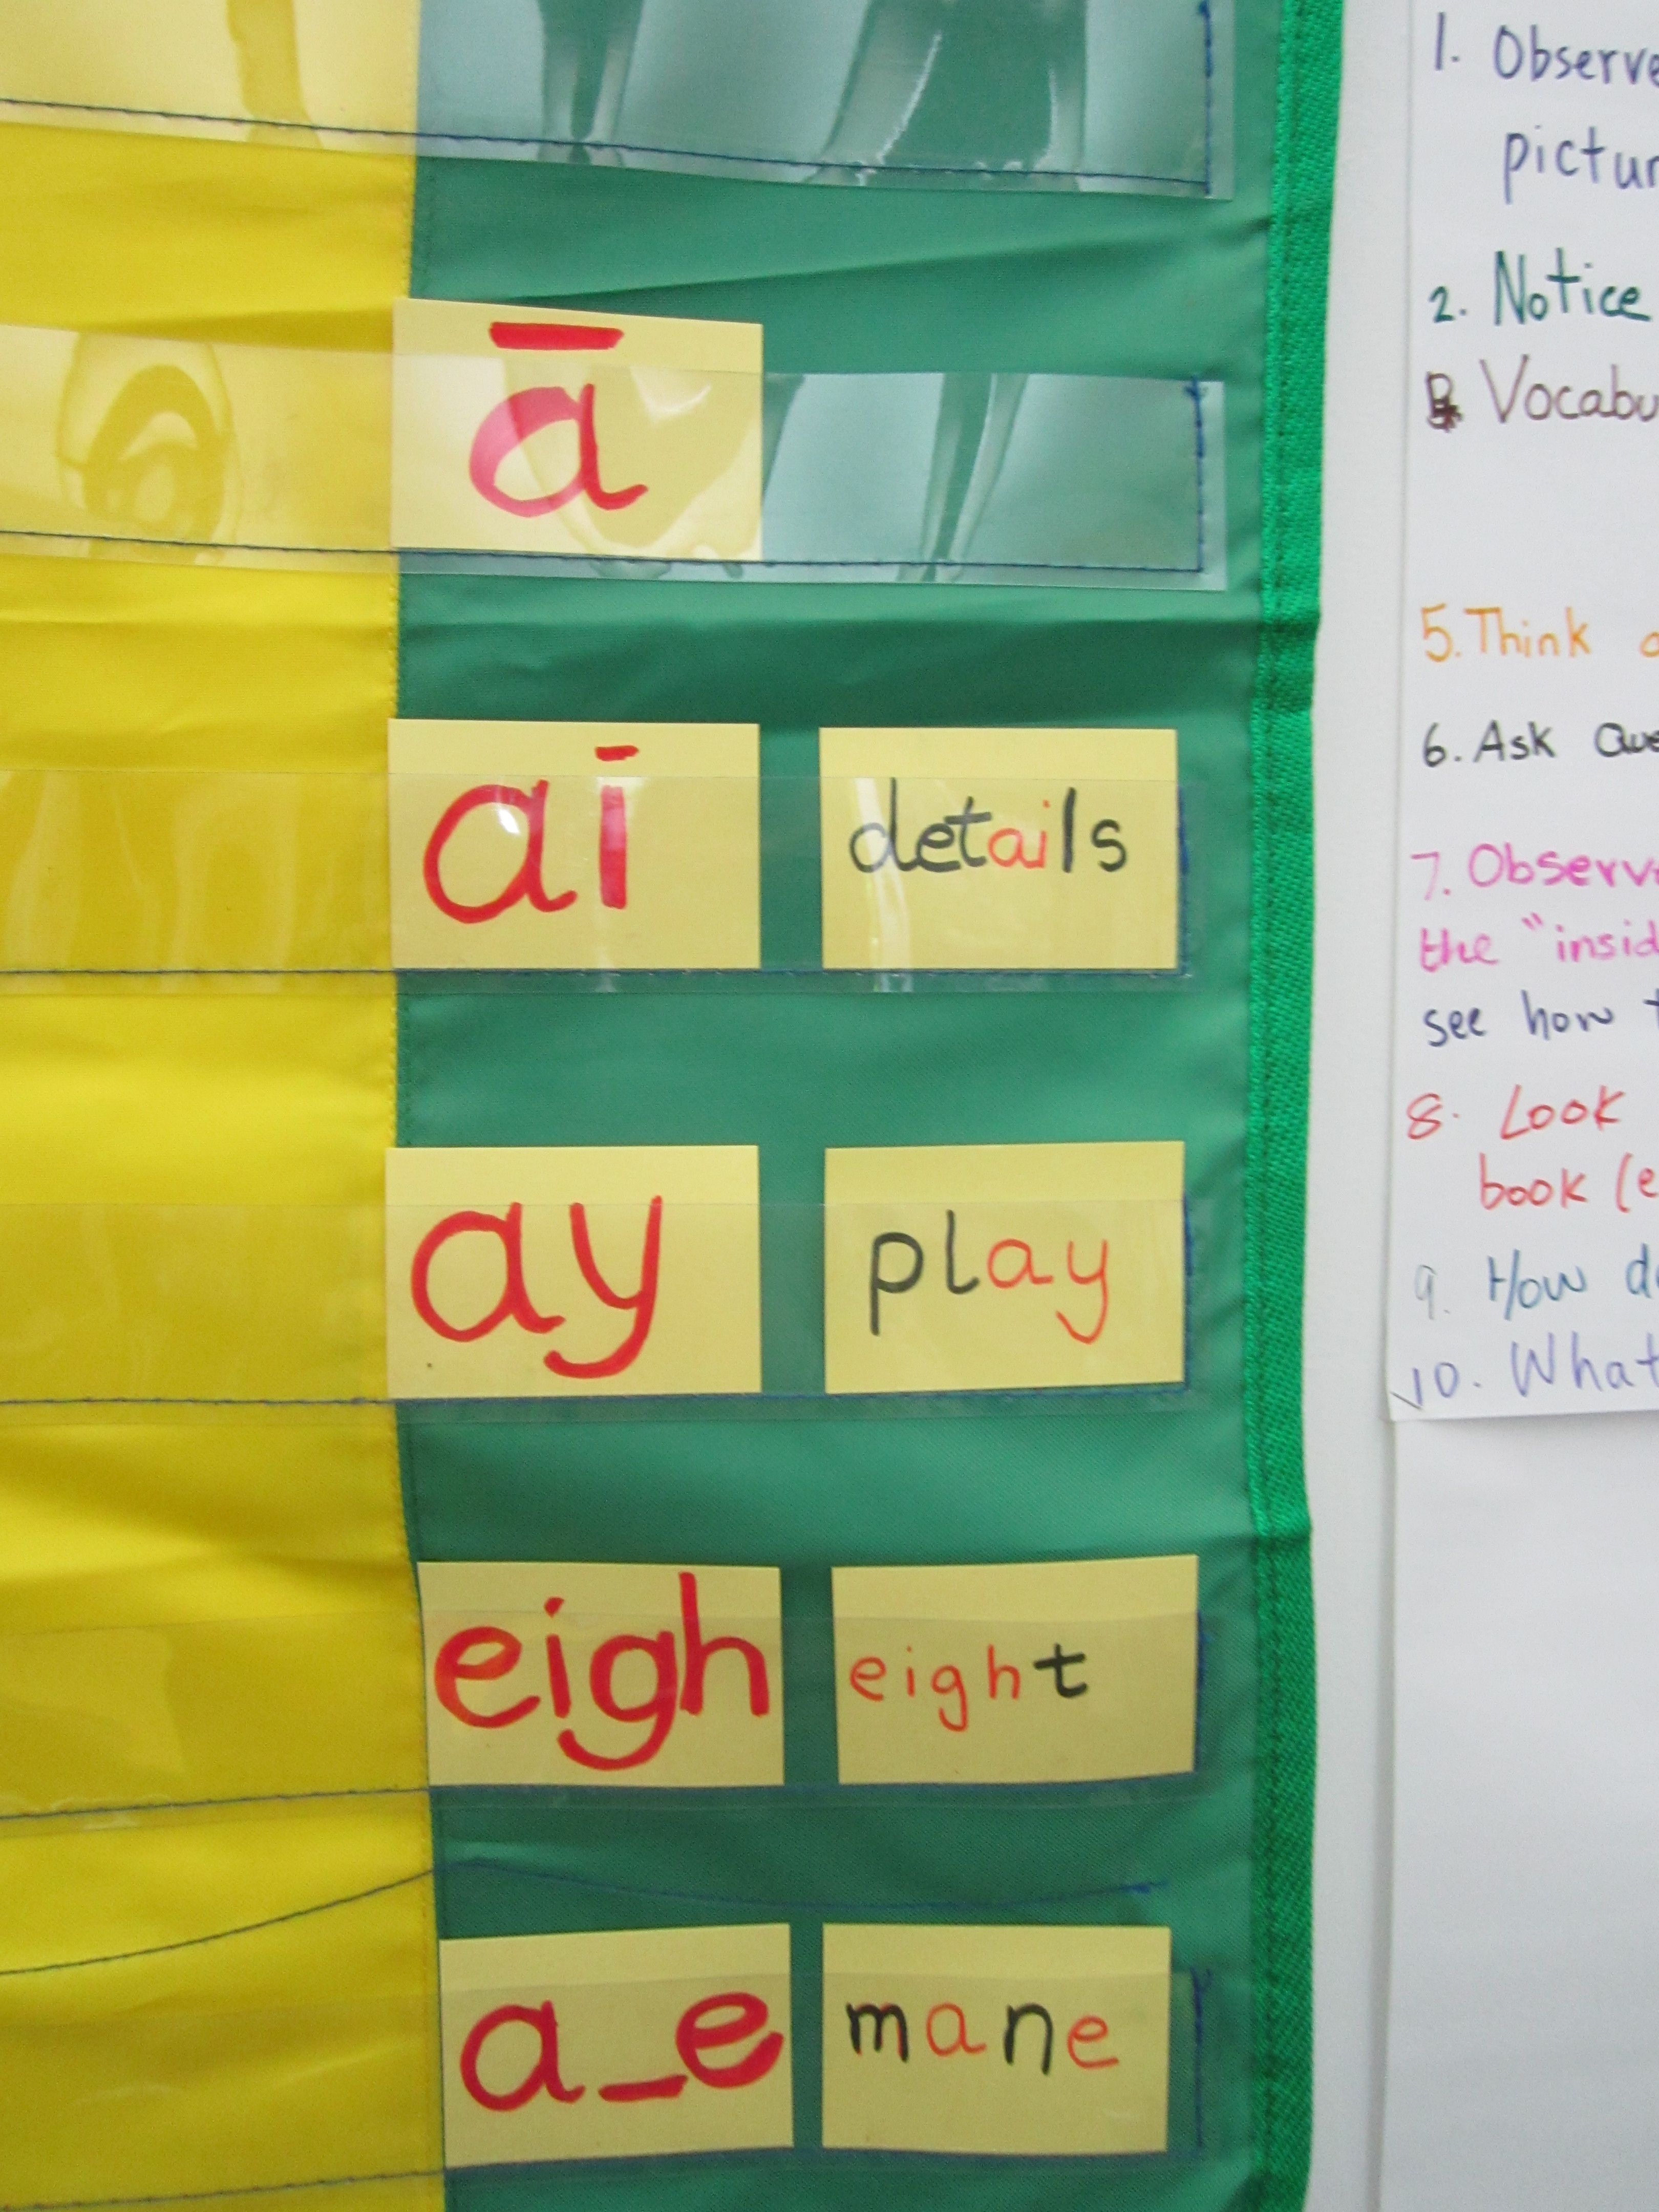 D D D Dc B C E D St Grade Worksheets Phonics Worksheets moreover B B F C D B E Dbada F Phonics Worksheets Kindergarten Worksheets as well Phonics Stories as well Fd E E Ae D C E A B together with A B Cfacff E A Ecfe. on short vowel worksheets 1st grade 2